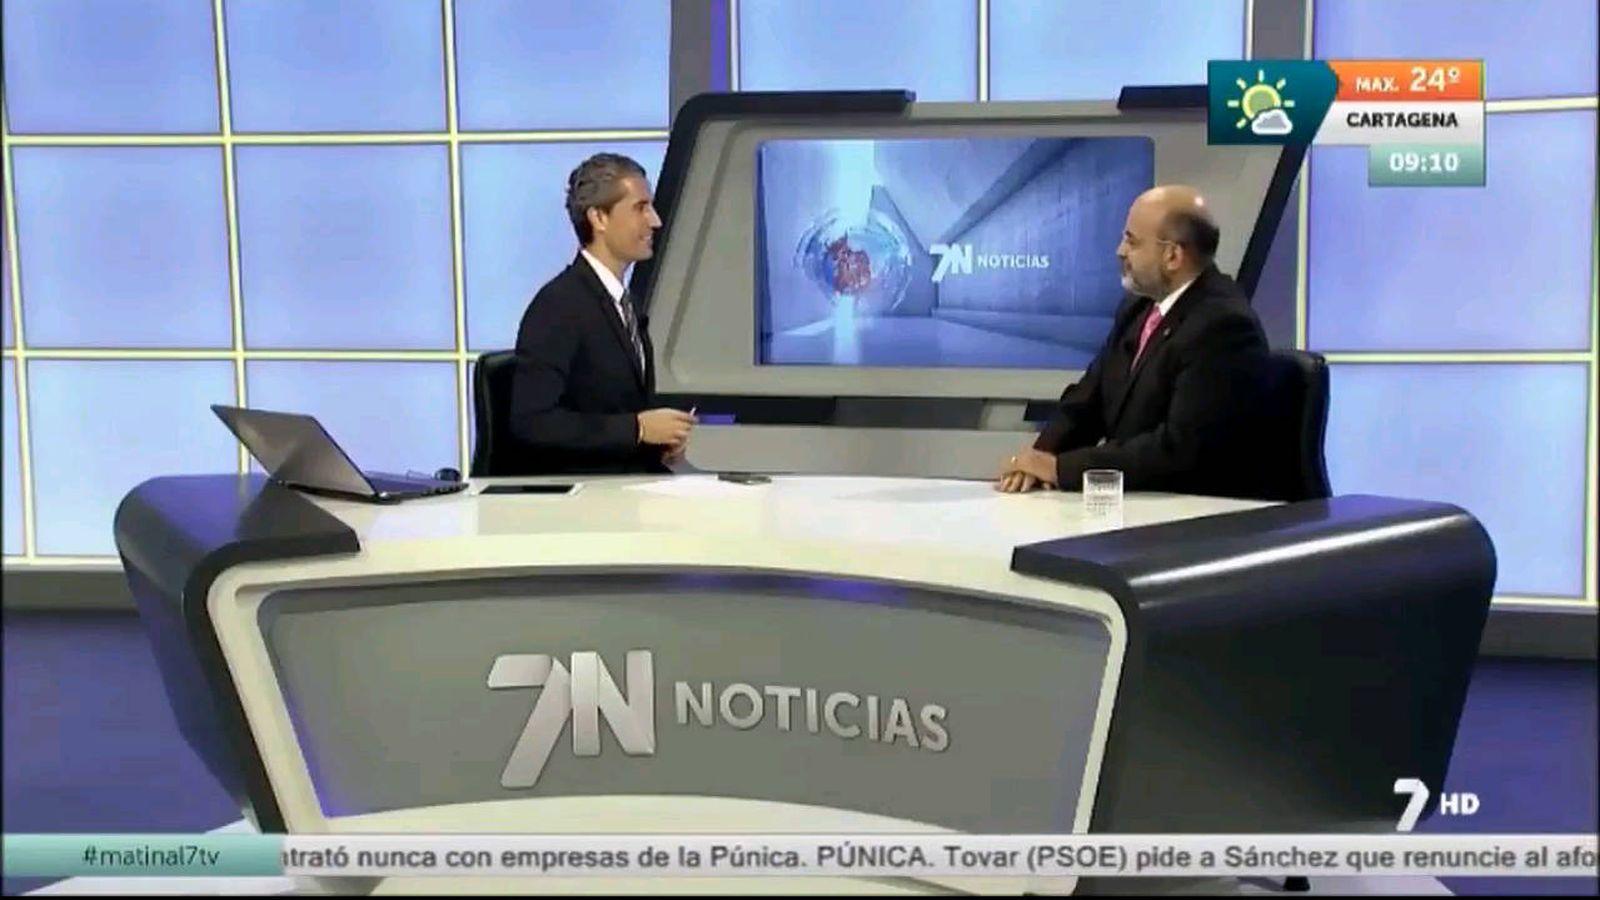 Foto: Imagen de los actuales informativos de La 7 Región de Murcia. (EC)